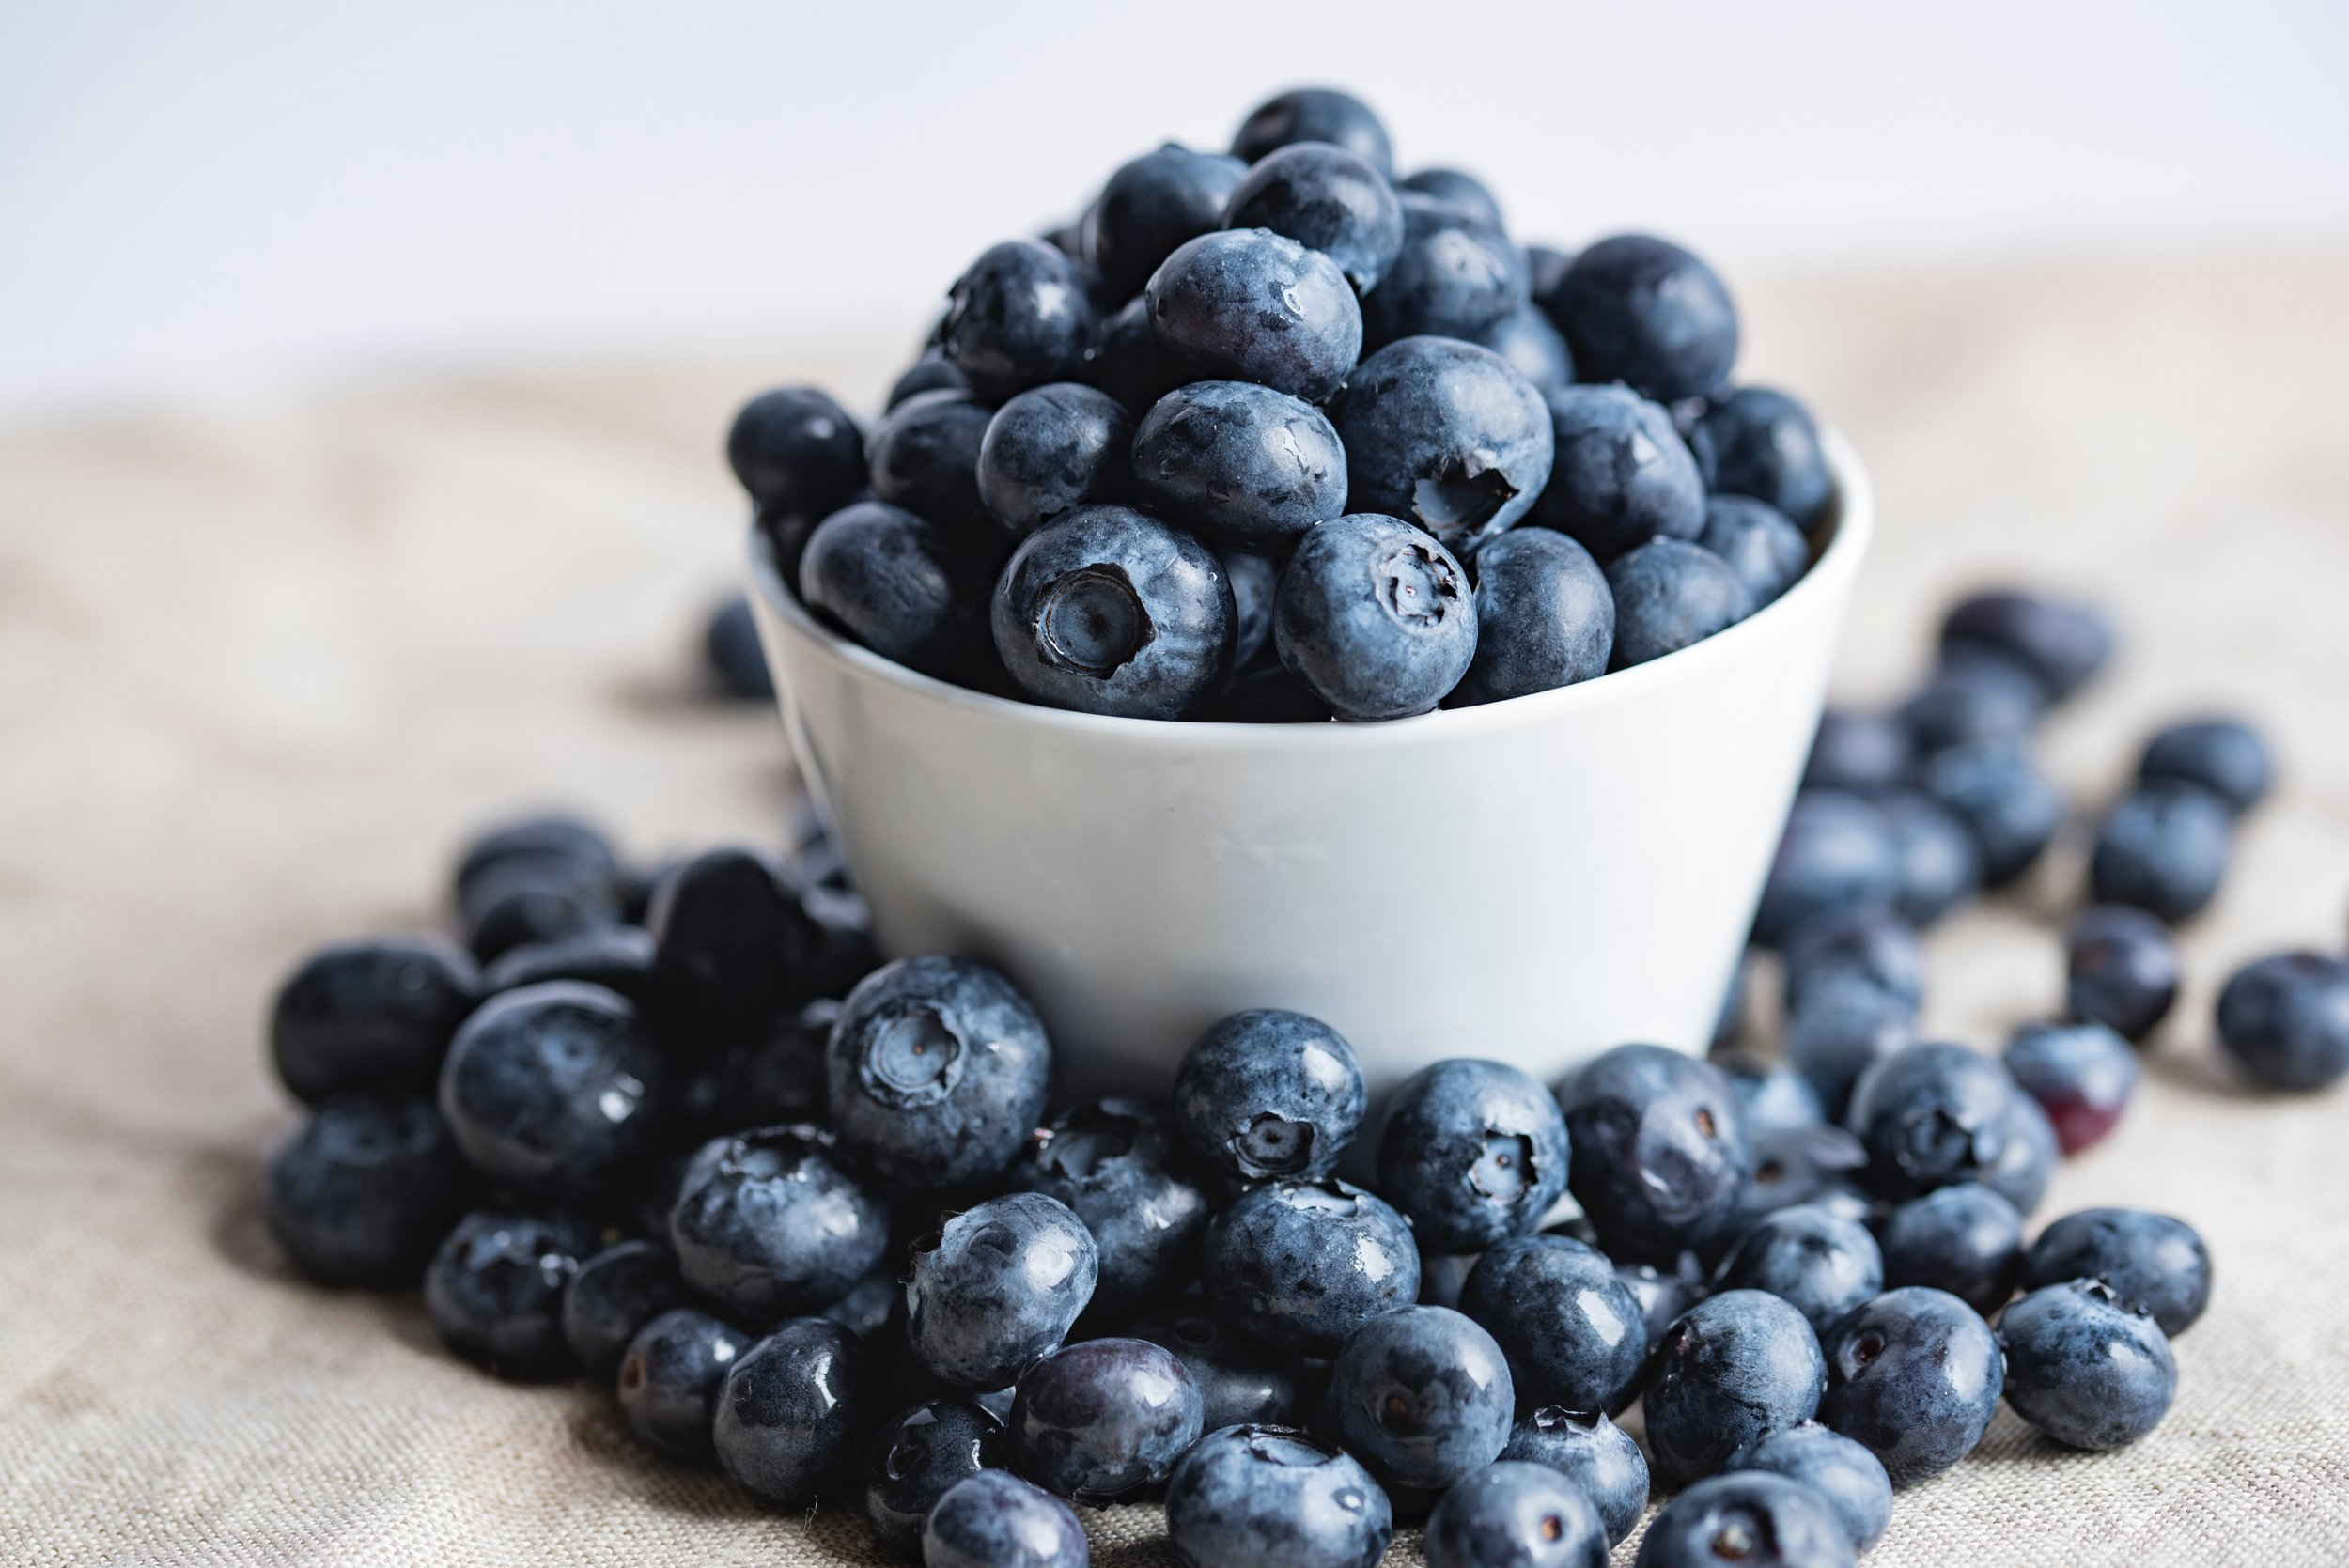 blueberries for liver.jpg